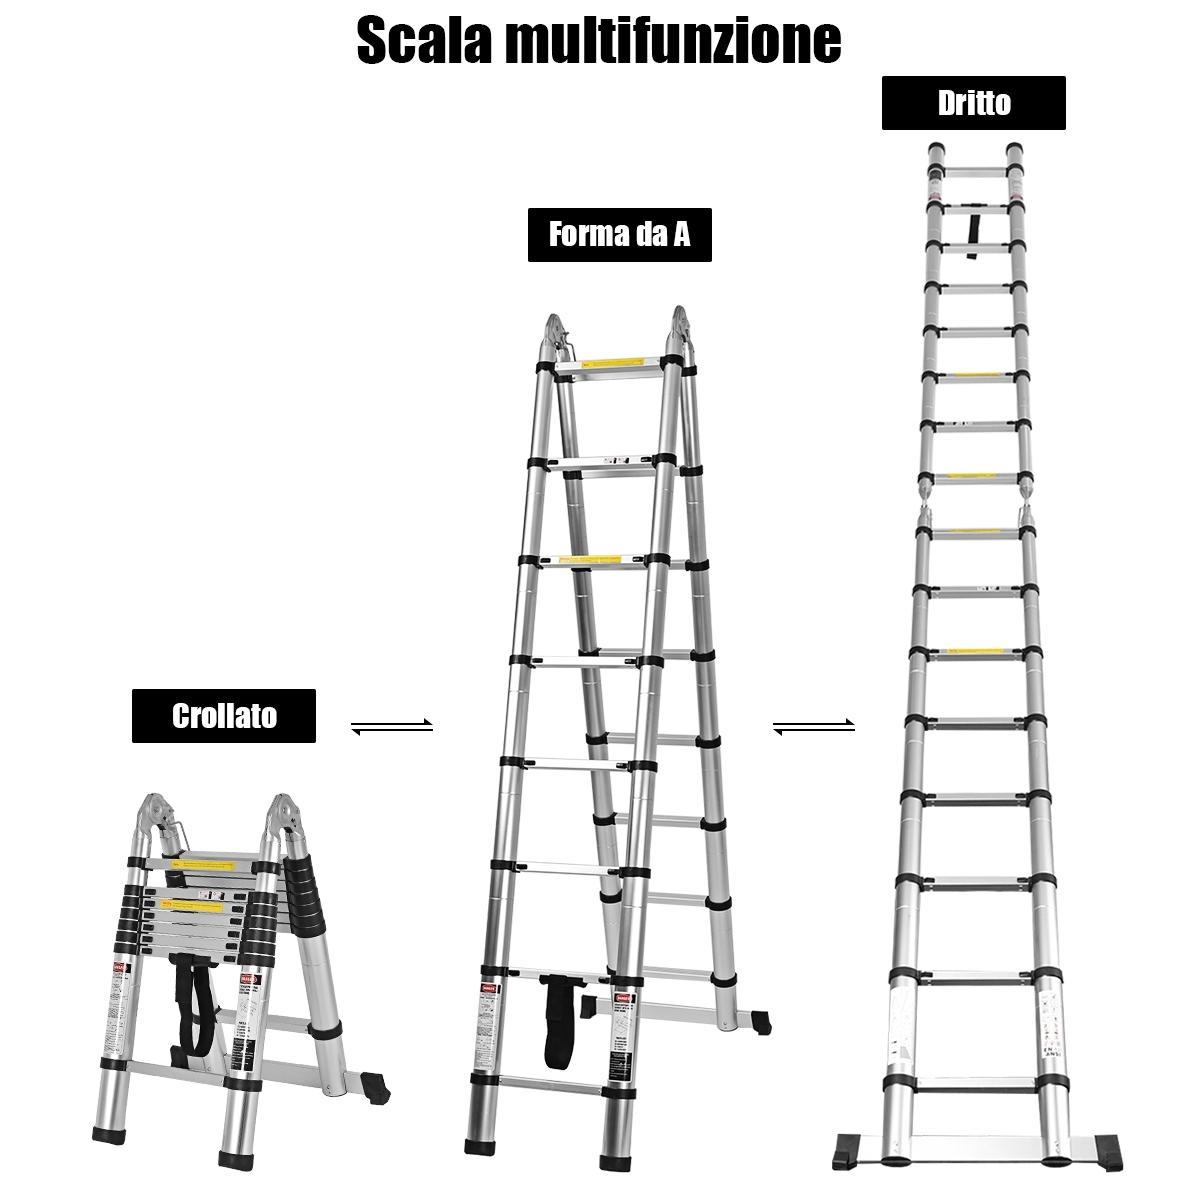 Scala telescopica pieghevole Wangkangyi portata massima 150 kg ripiani a scala scala a gradini da 5 m altezza pieghevole 2,5 metri scala estensibile